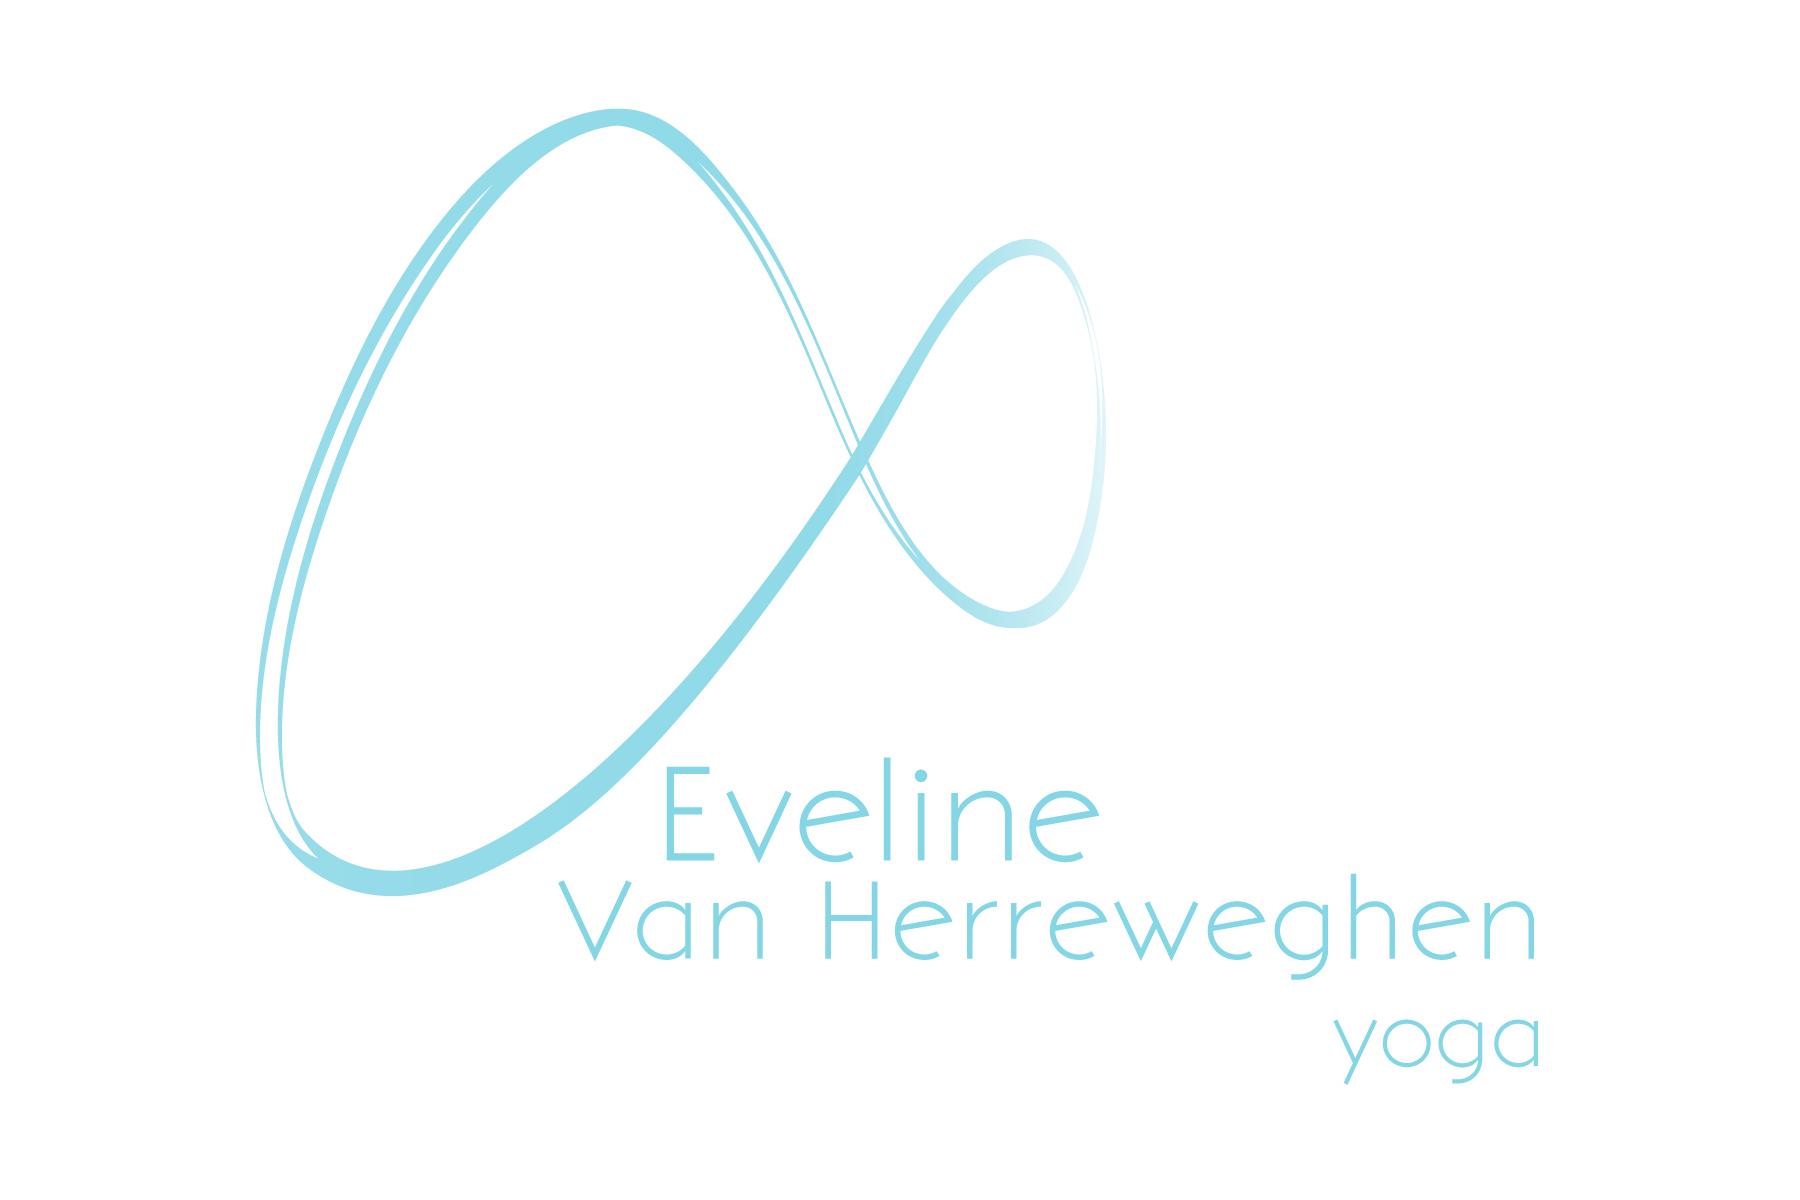 Eveline Van Herreweghen Yoga